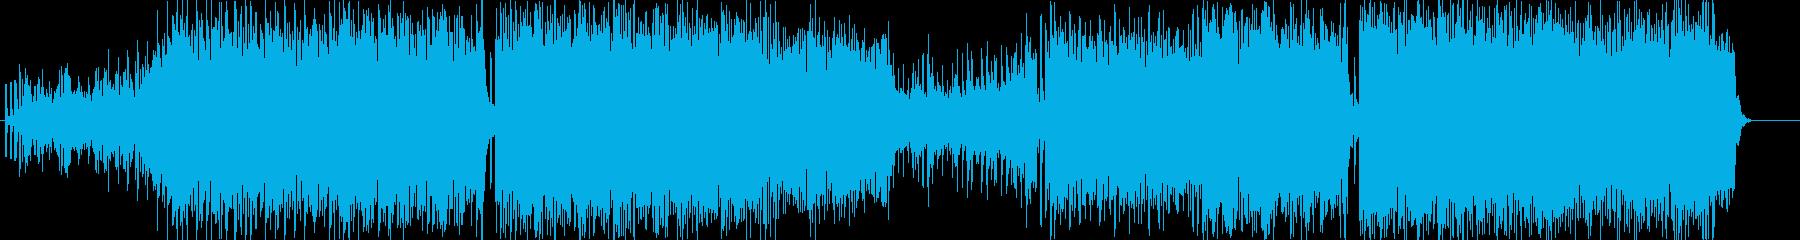 ノリノリのユーロビートのオリジナル体操曲の再生済みの波形